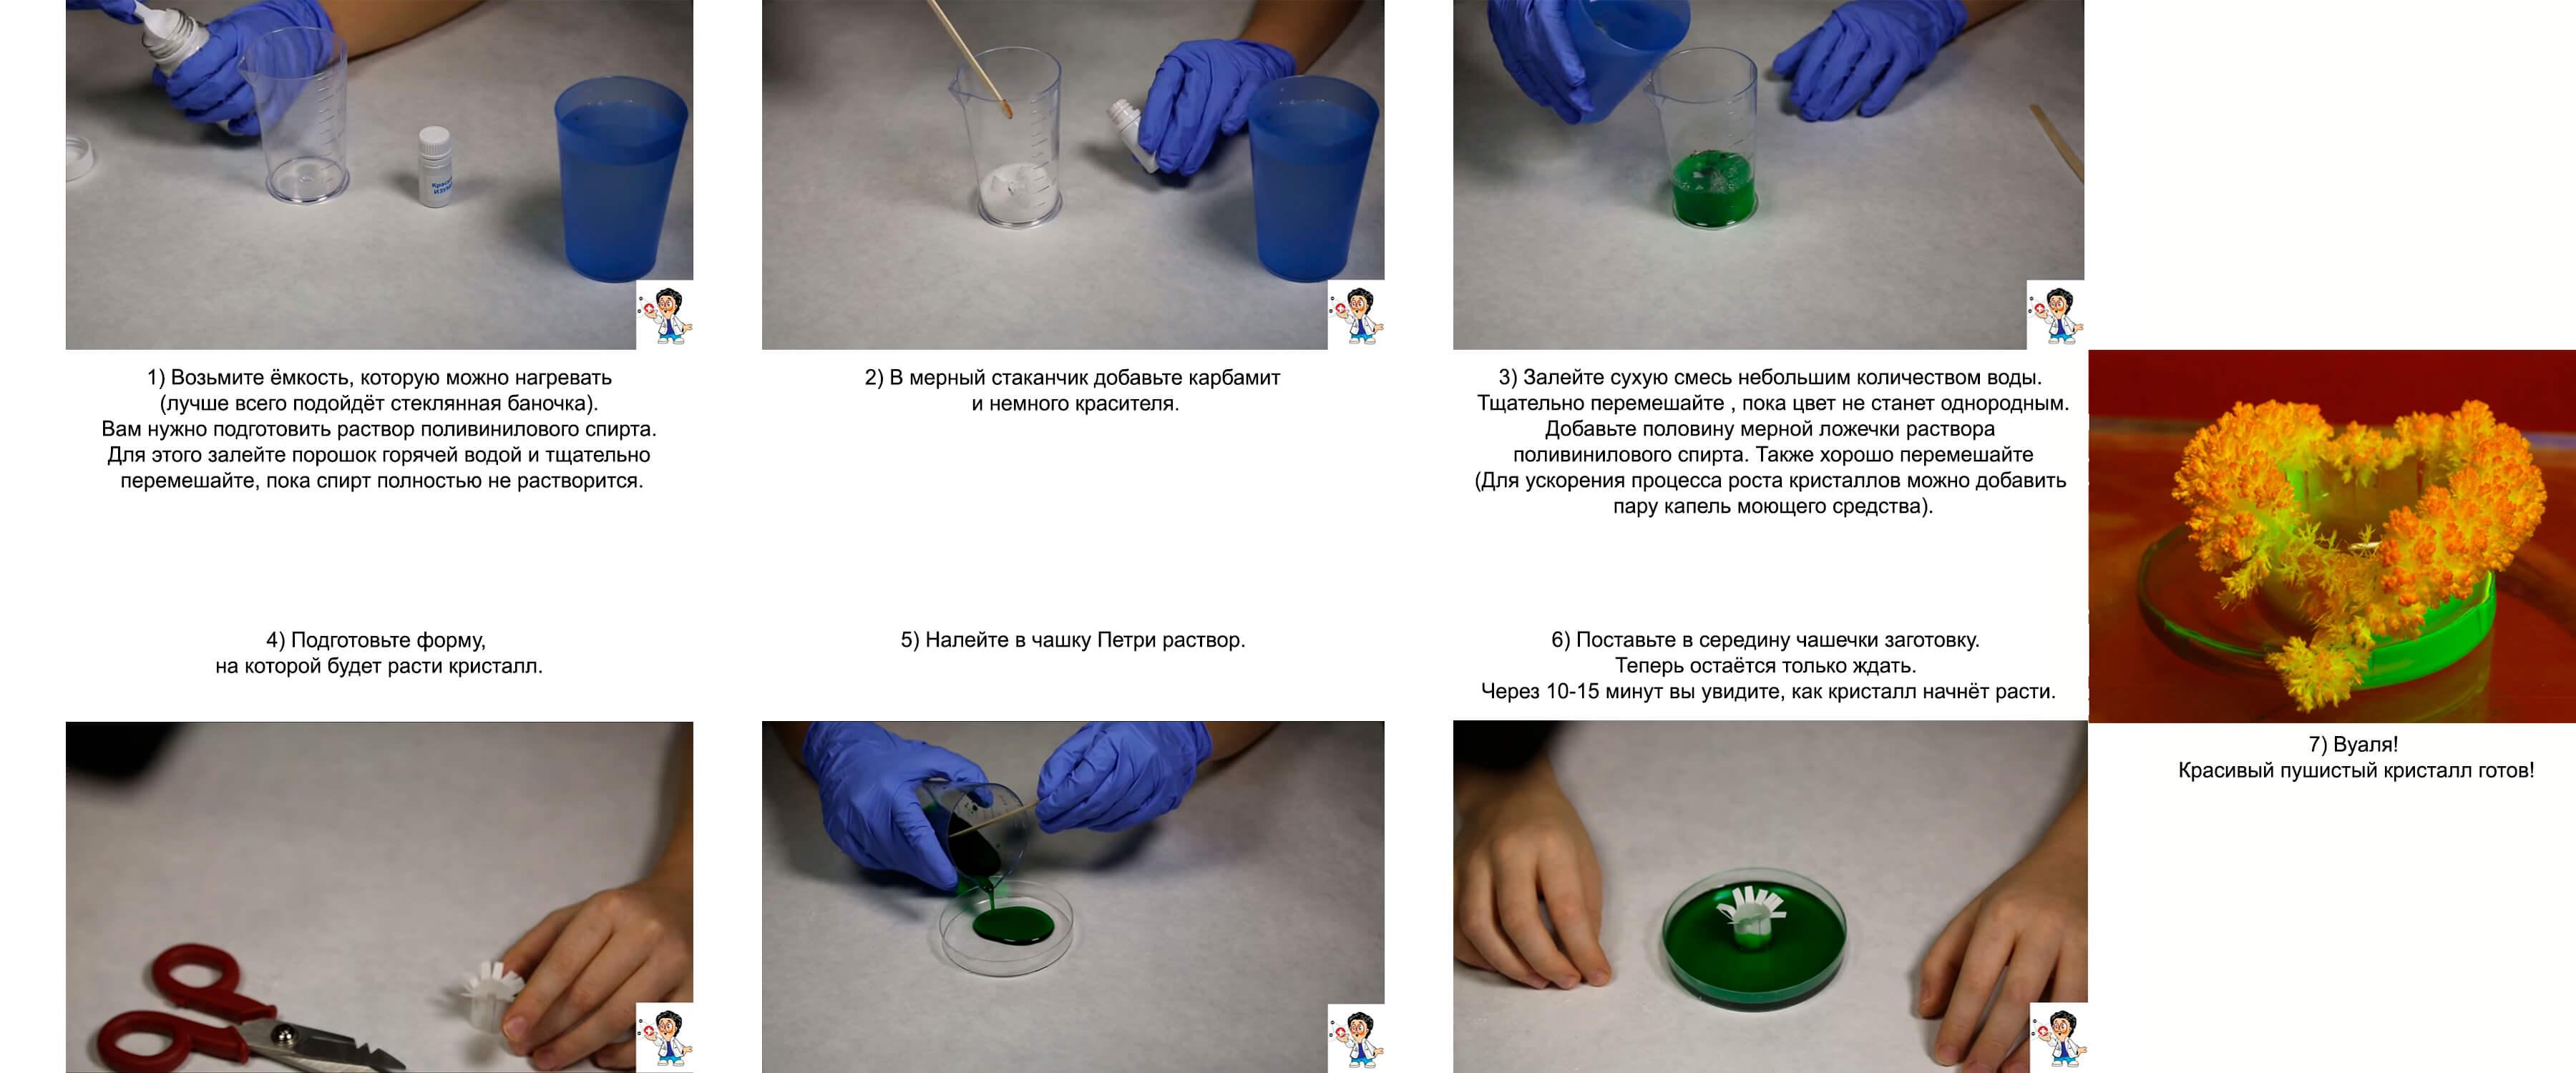 Как выращивать пушистые кристаллы